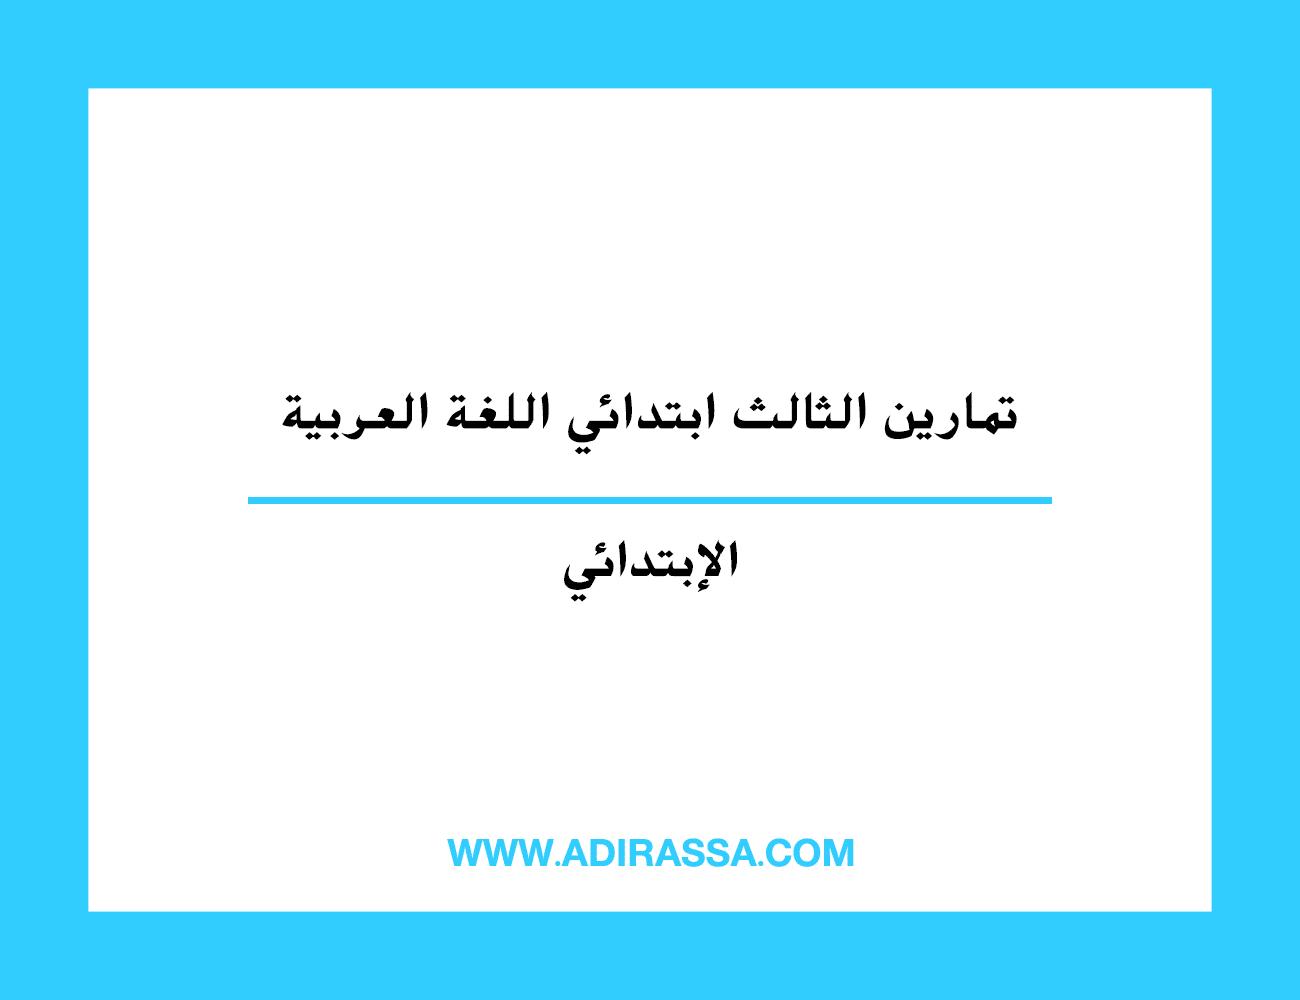 تمارين الثالث ابتدائي اللغة العربية